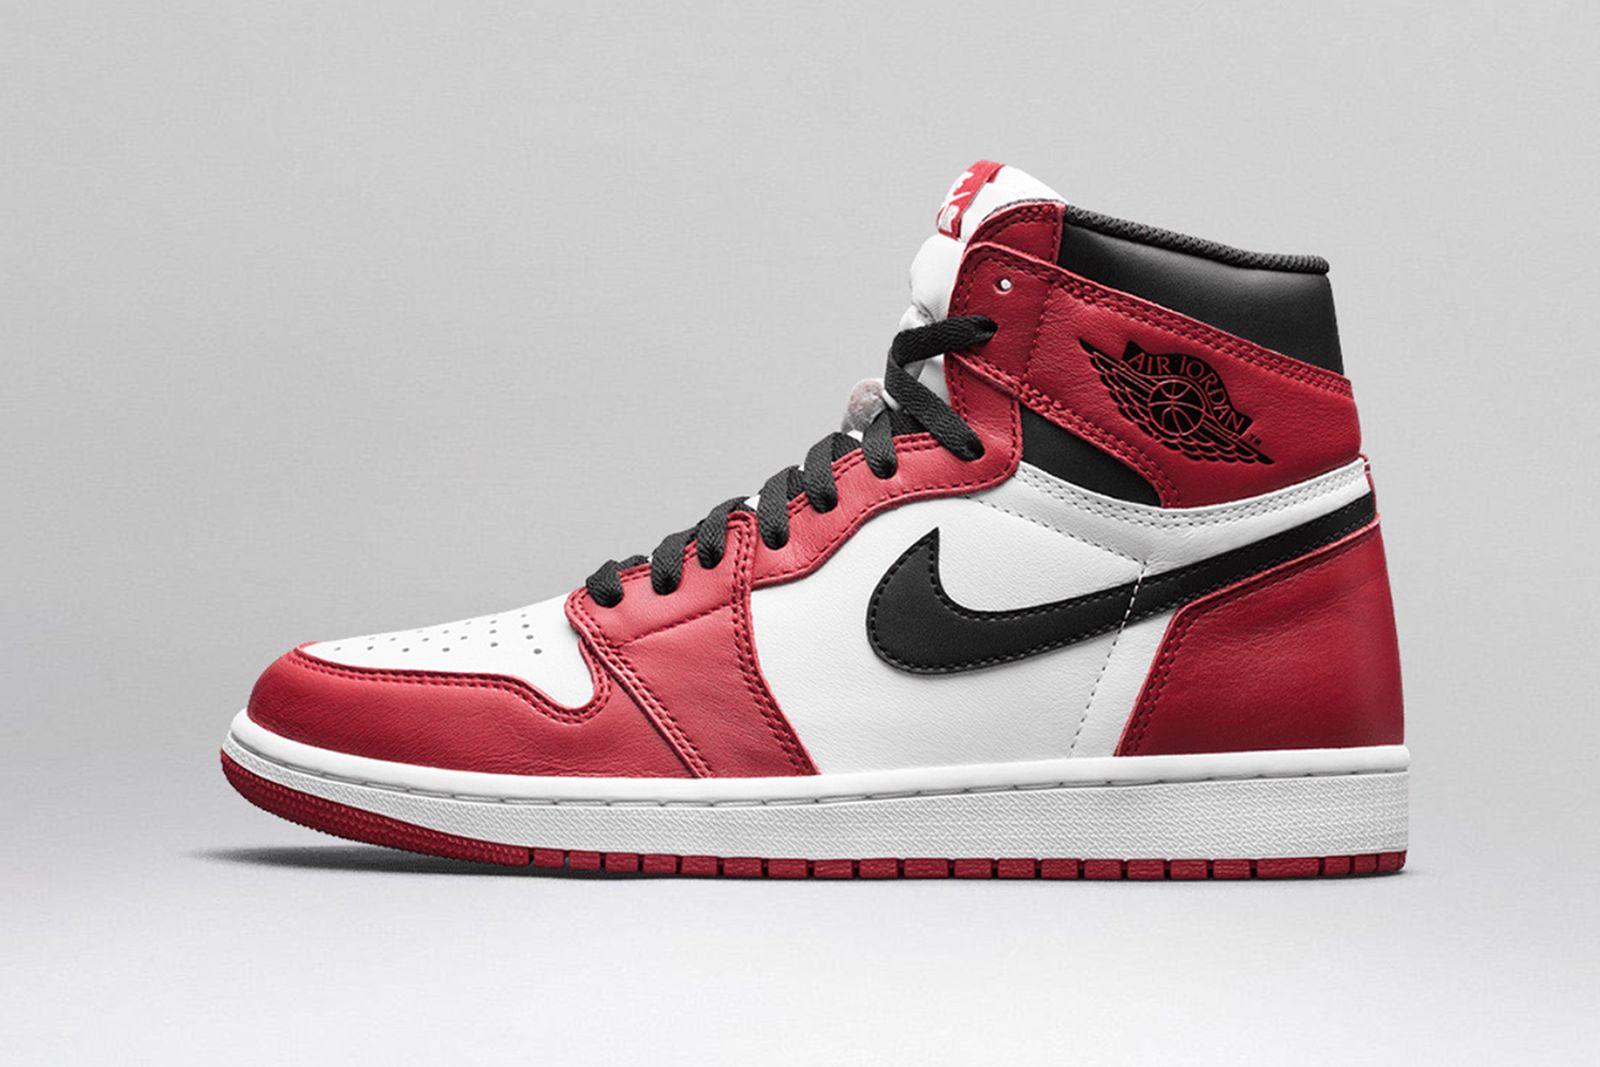 air jordan 1 history 1985 retro Nike michael jordan